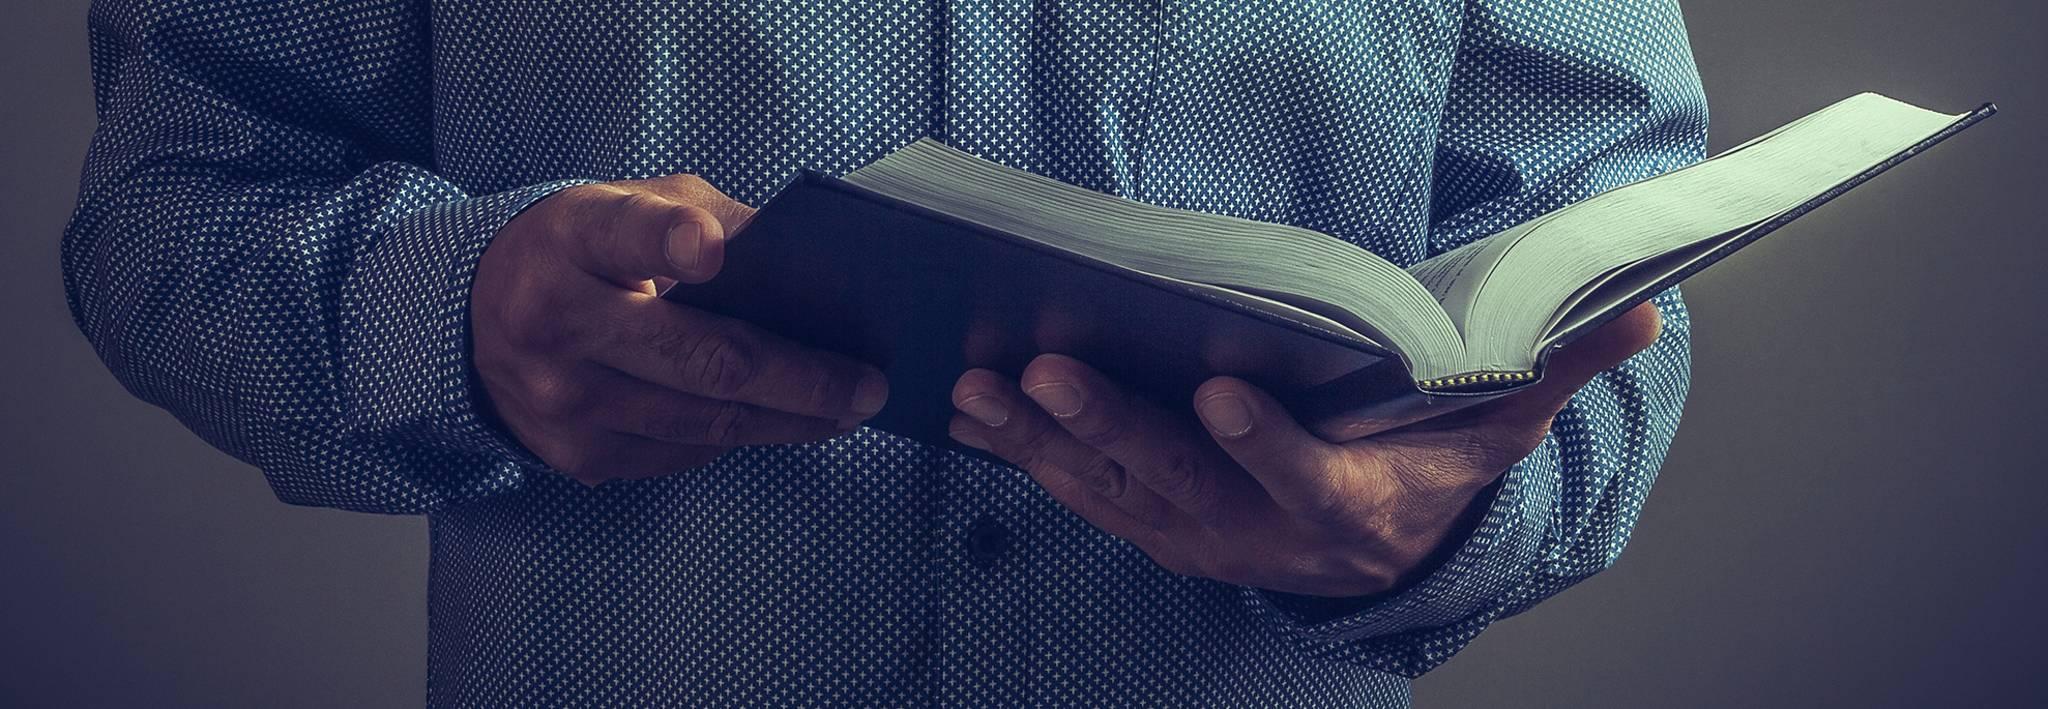 Christian Ministry Online Degree Program